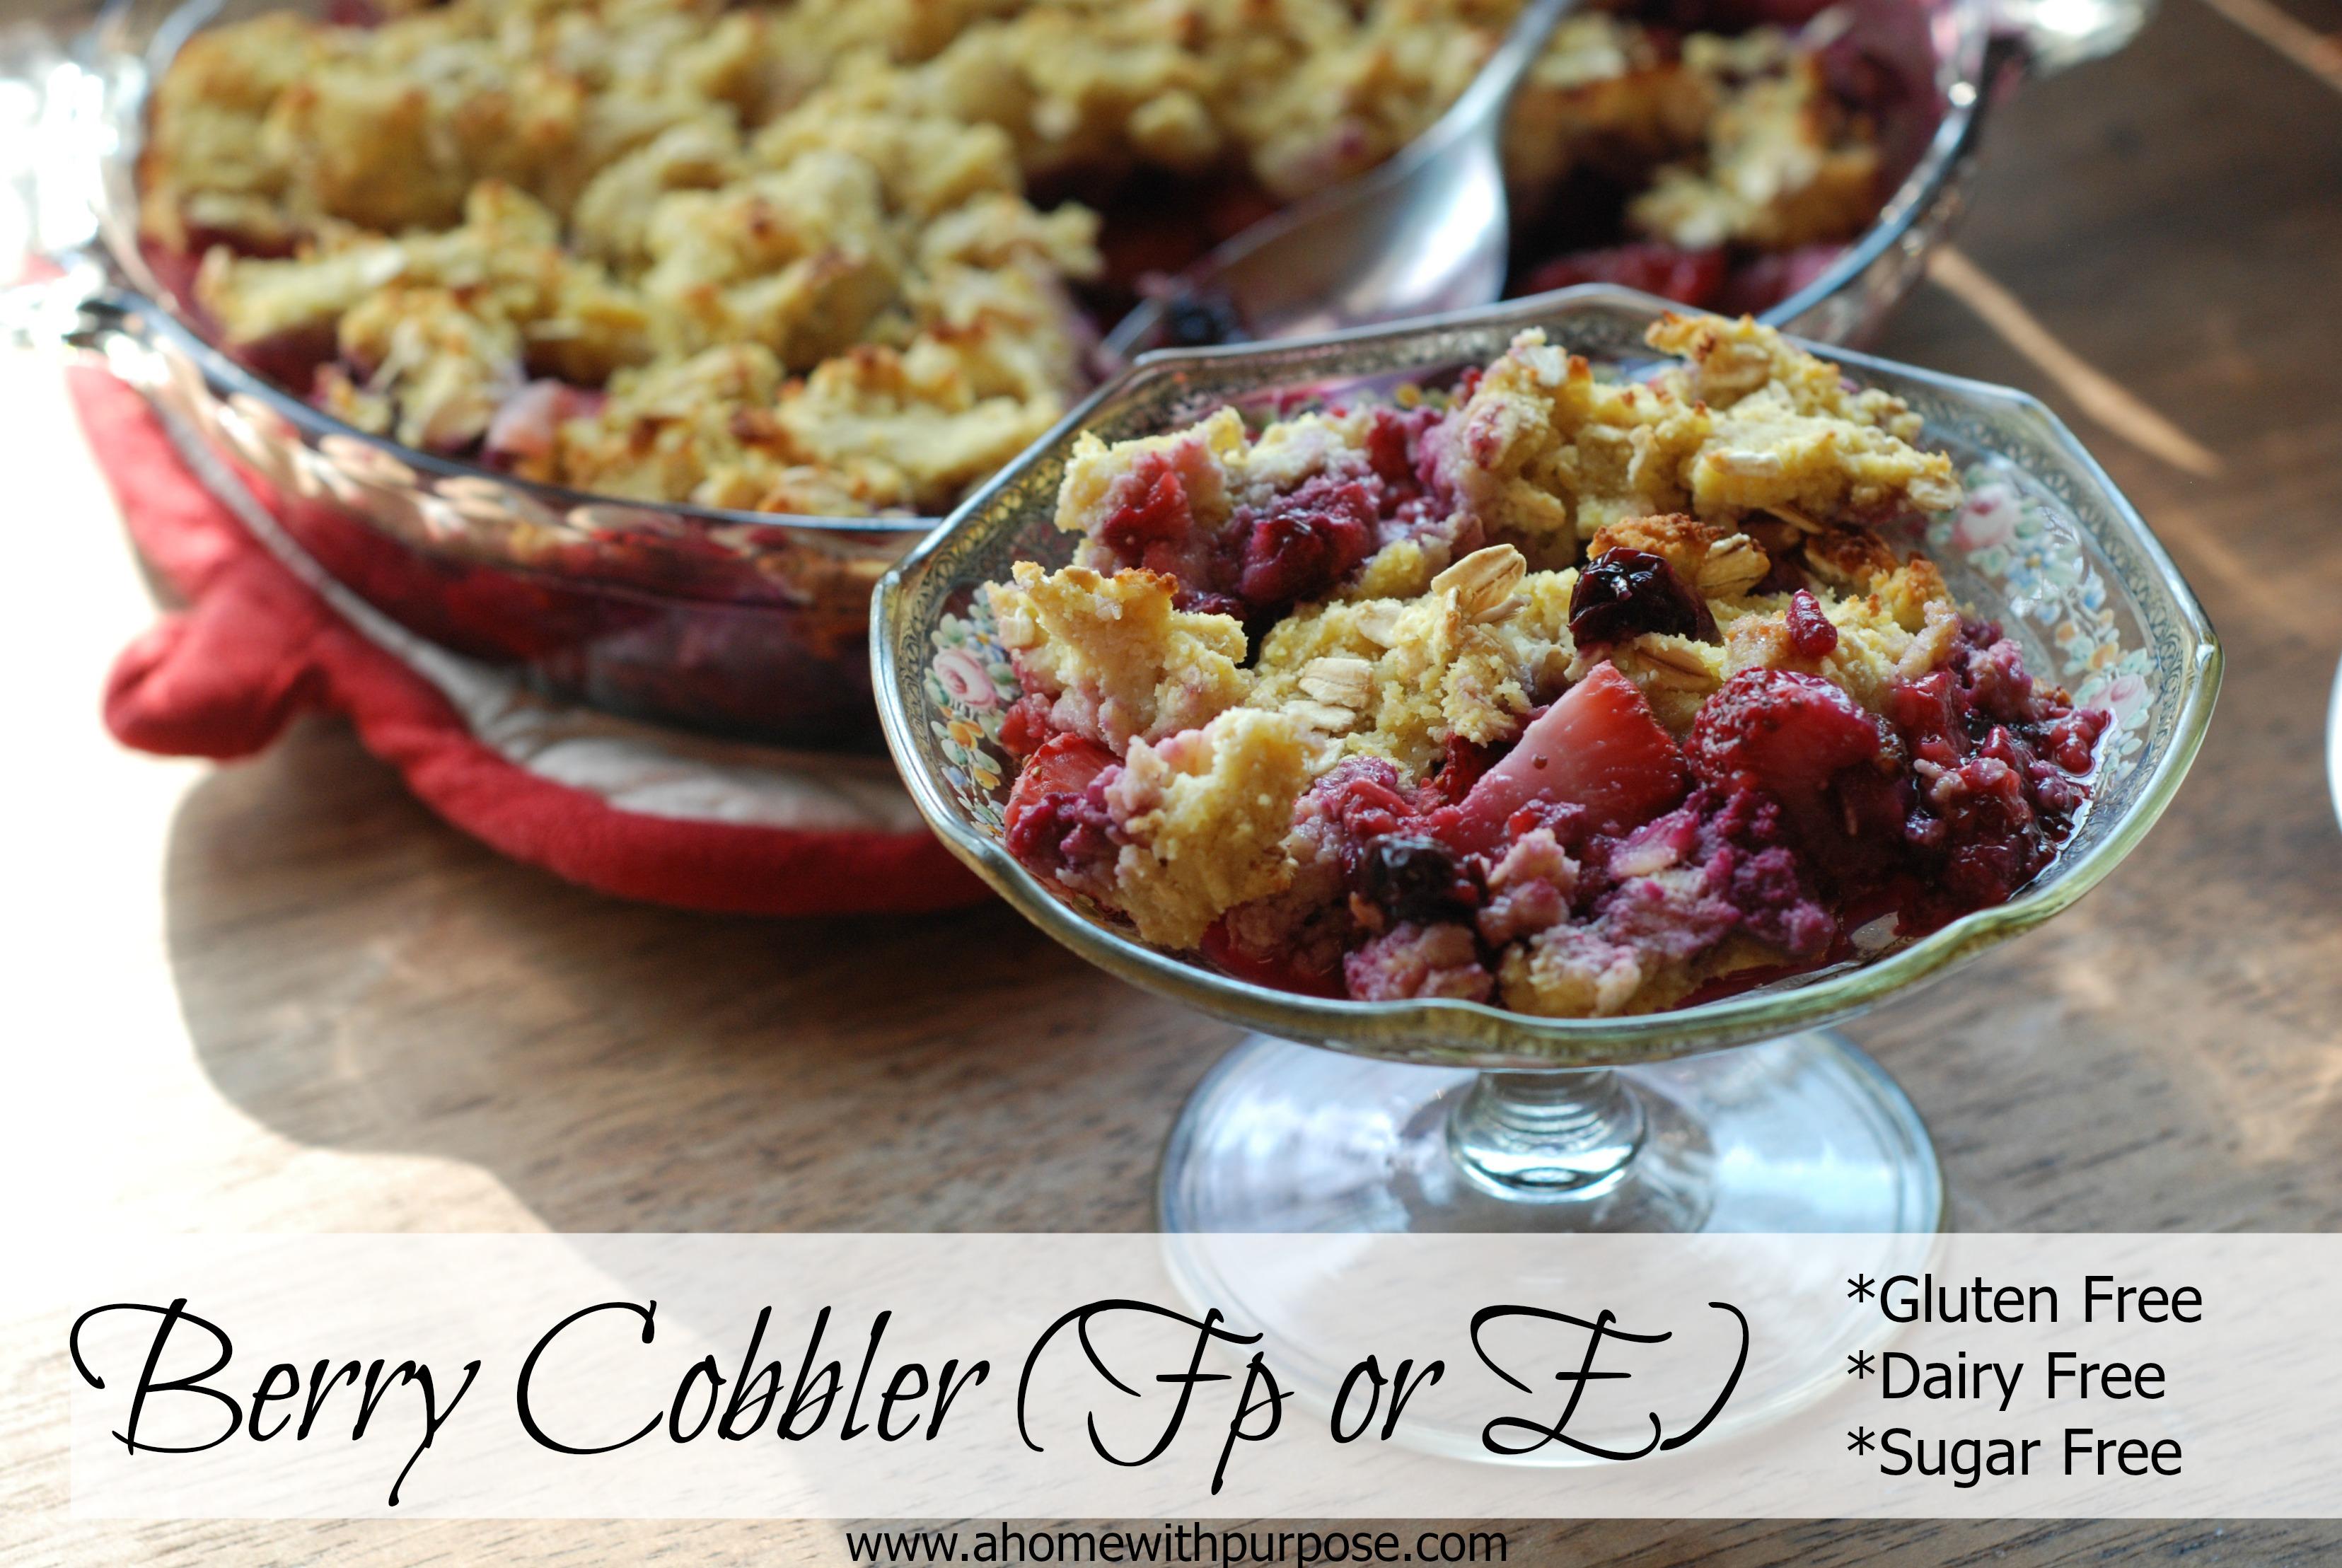 berry cobbler rasp berry cobbler tomato cobbler basic berry cobbler ...